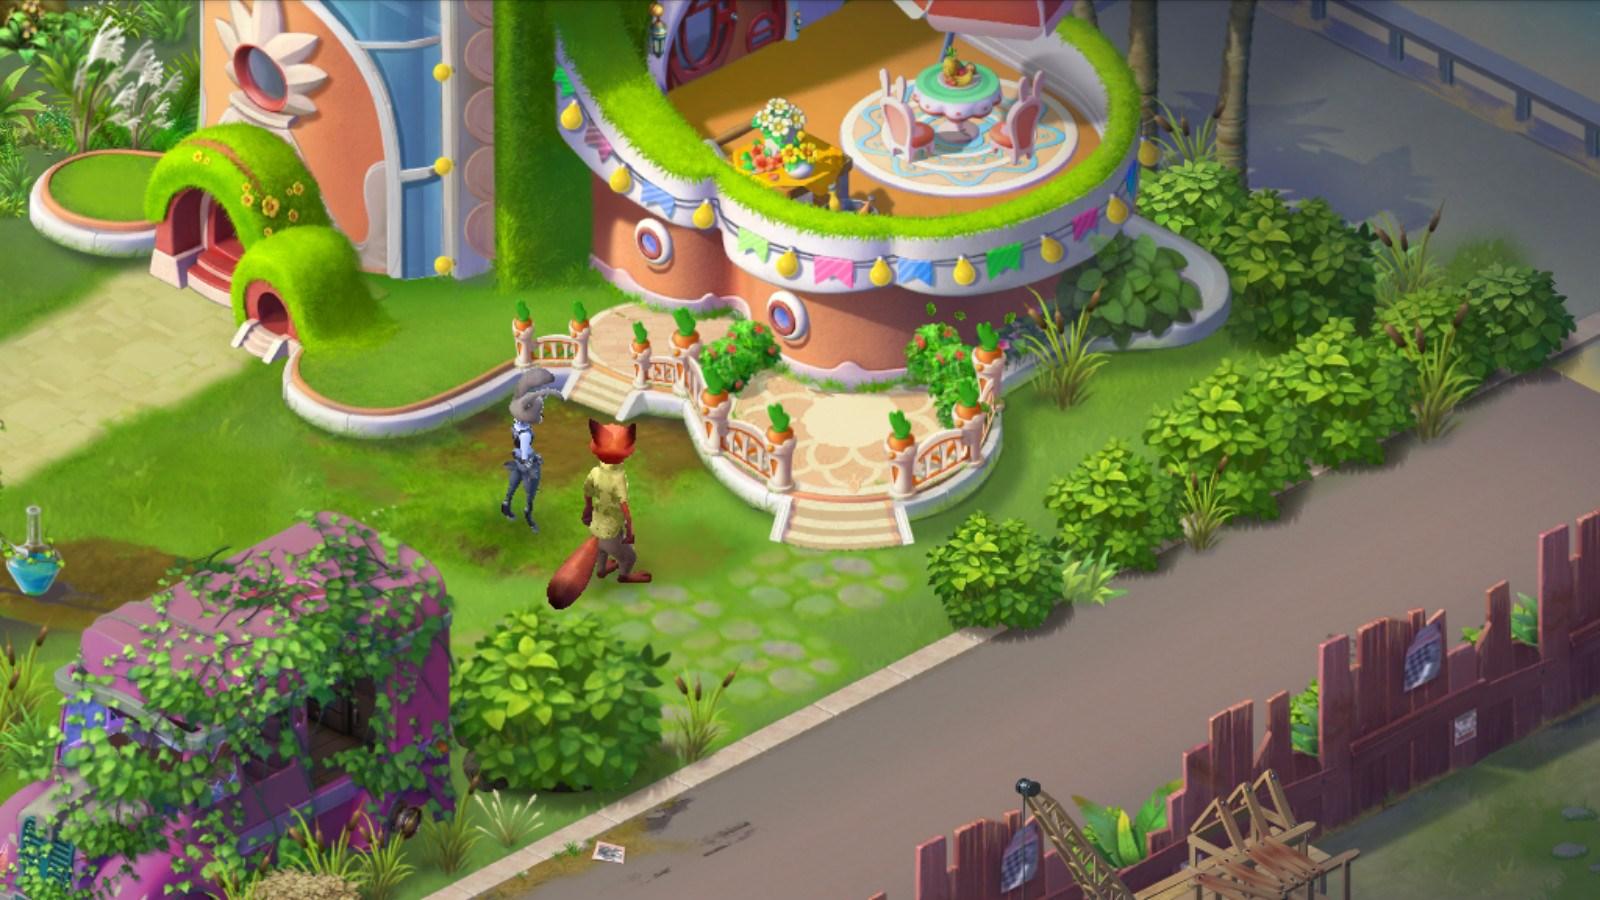 对于《疯狂动物城:筑梦日记》来说,除了消除游戏之外,建造也是这款游戏中一个比较重要的内容:玩家使用在游戏中获得的灵感,将一个处于百废待兴的公园修建好,从而招待更多伙伴前来参观。不过,建造是一个漫长的过程,很多玩家可能还没有看到成果吧,没关系,小编今天就带大家一起去看看建好后的庄园是什么样子的吧~  码头公园被分为多个区域 车站区 玩家们初次见到的车站看上去百废待兴,地板破烂不堪,路边的公交站牌和路灯都生锈开裂,连旁边的杂货店也是无人问津。  俗话说第一印象很重要嘛,车站的门面都搞成这样,谁还愿意来?于是,